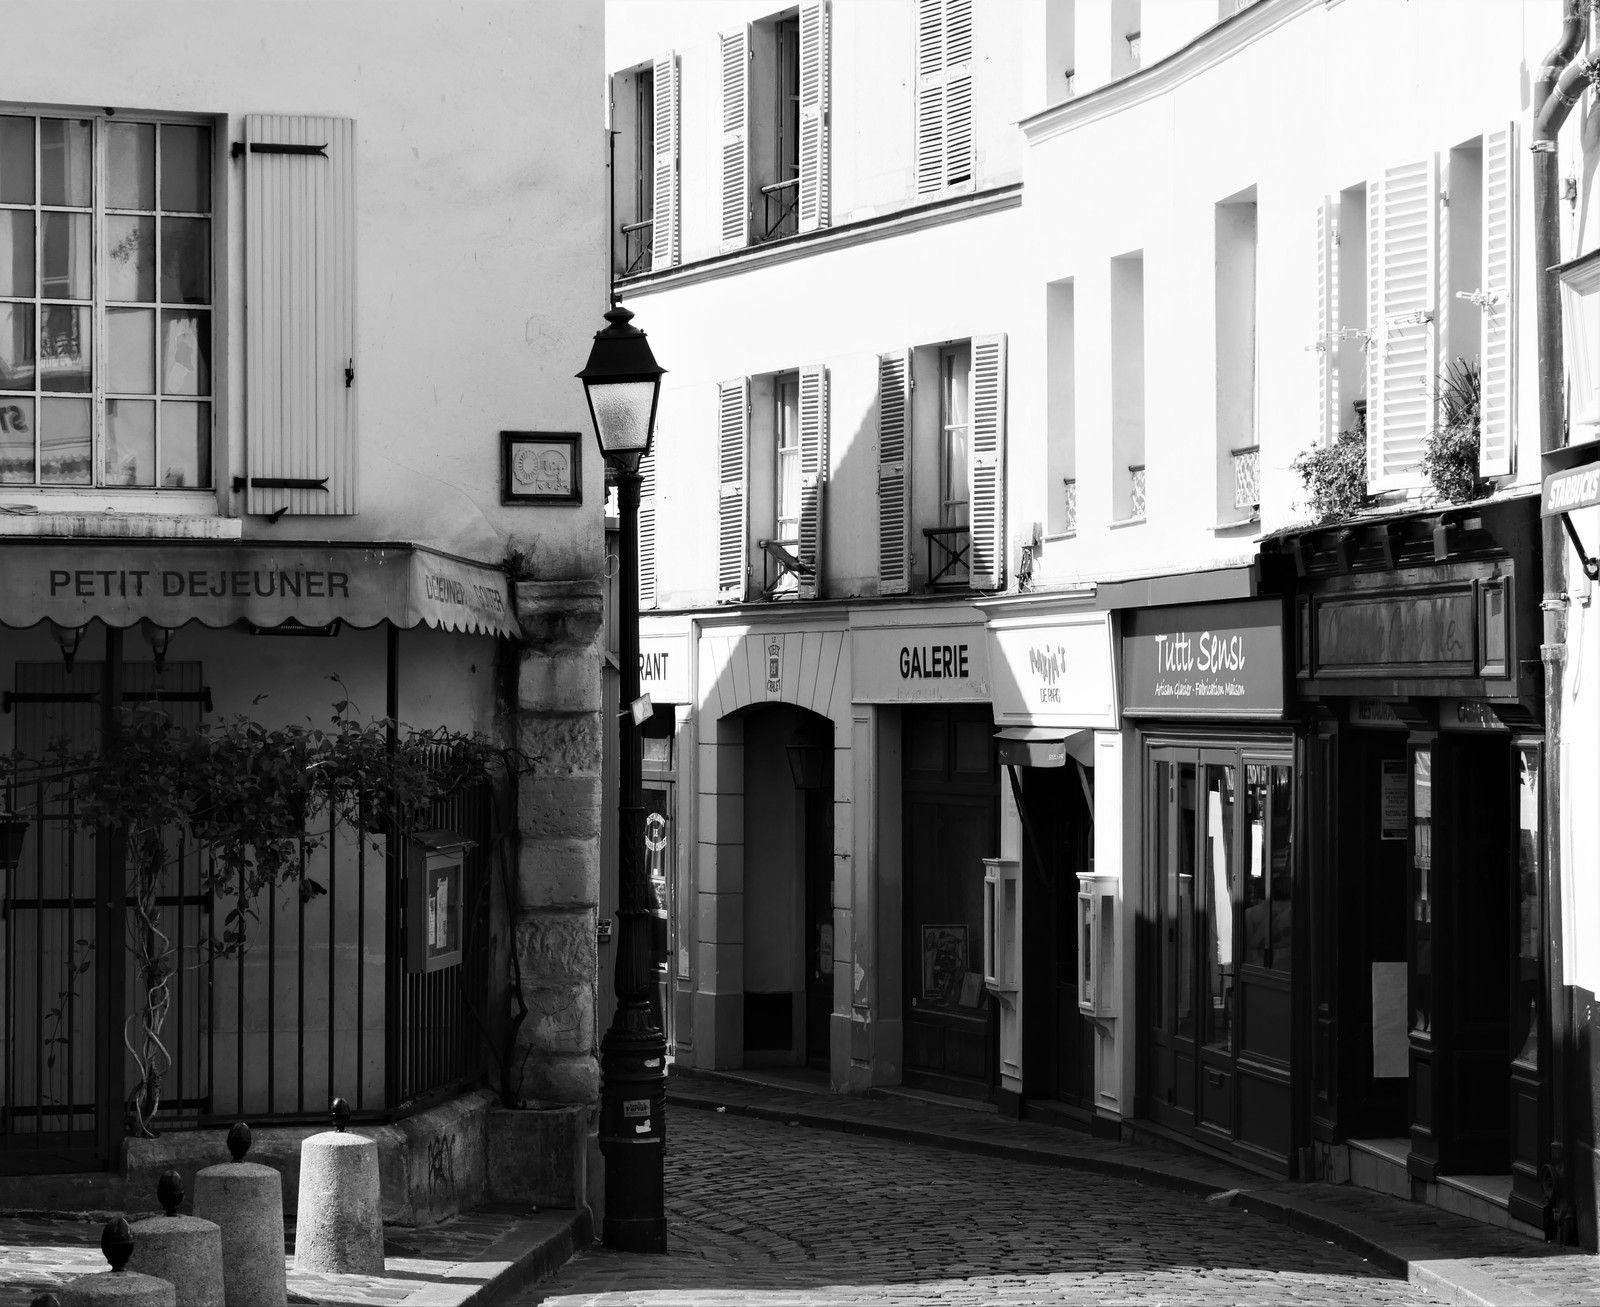 Les rues de Montmartre. Photos en noir et blanc